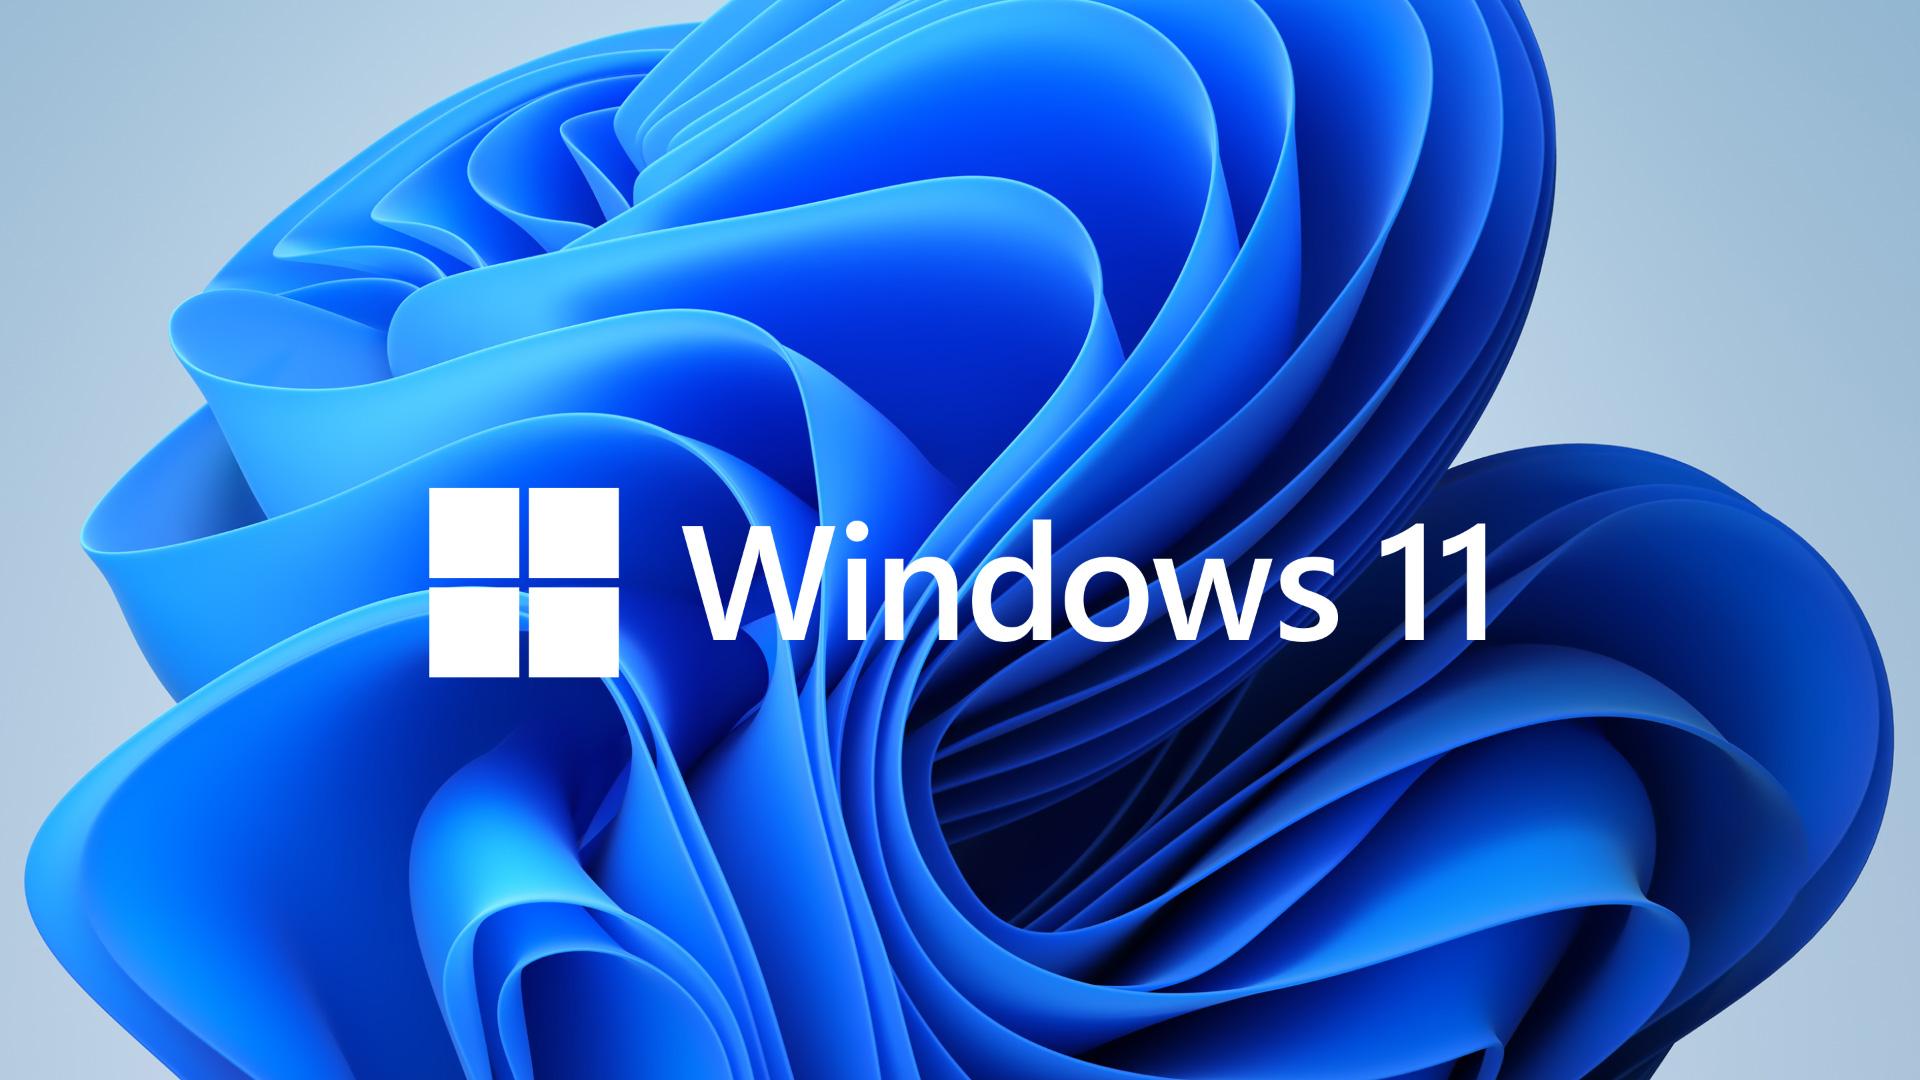 Windows 11-logo en decoratieve achtergrond